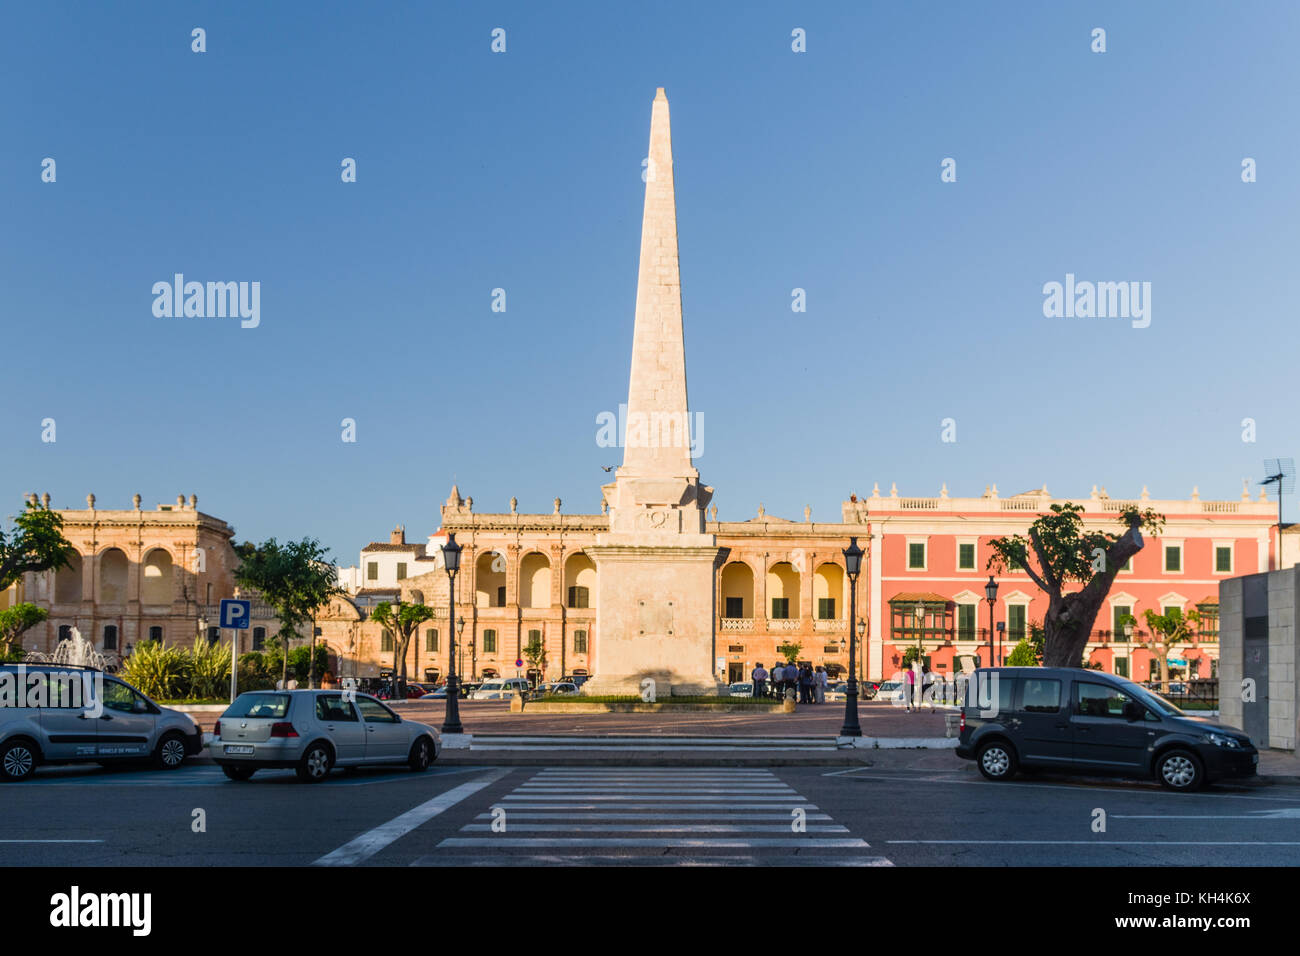 Obelish in the center of Ciutadella in Menorca - Stock Image